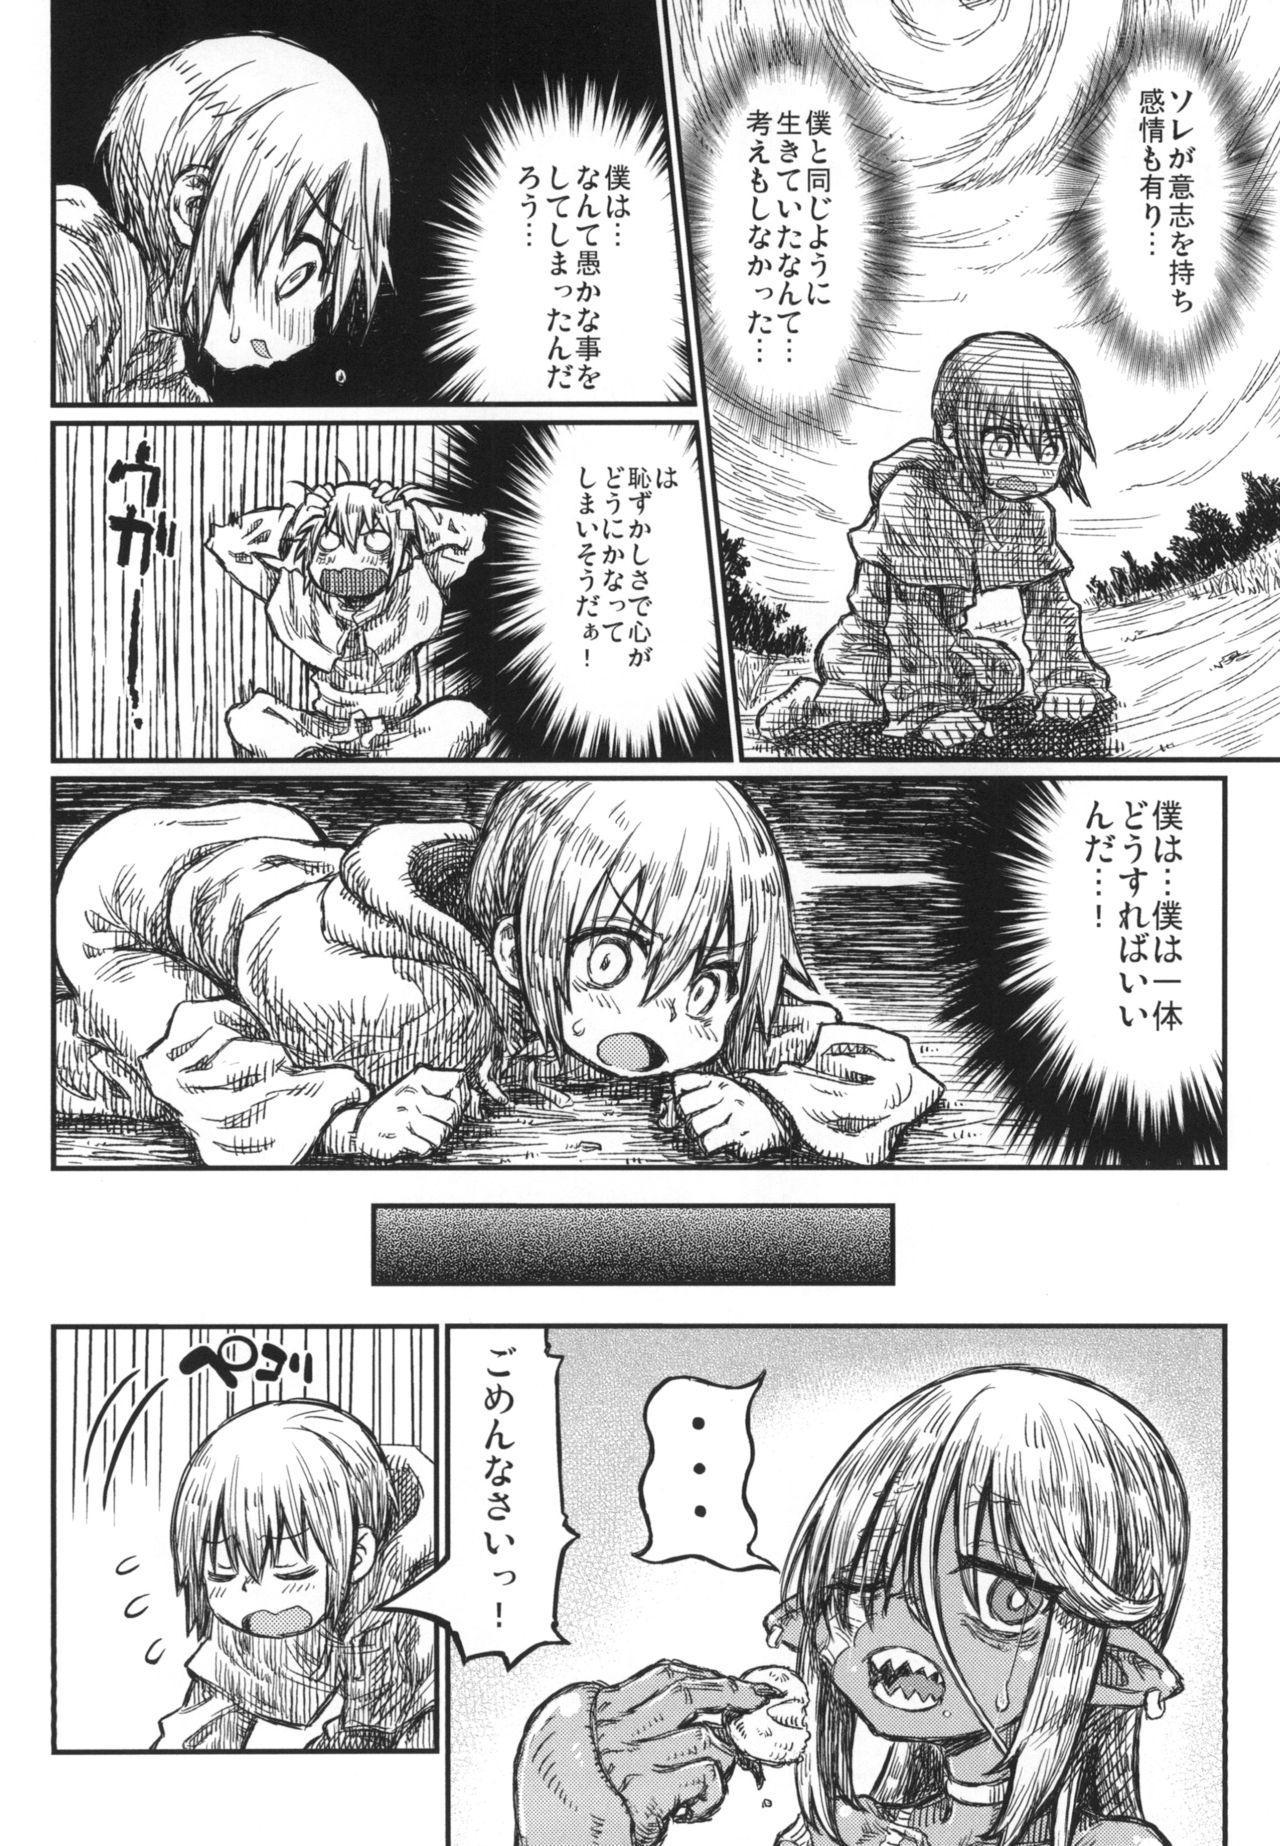 Adabana no koi 15